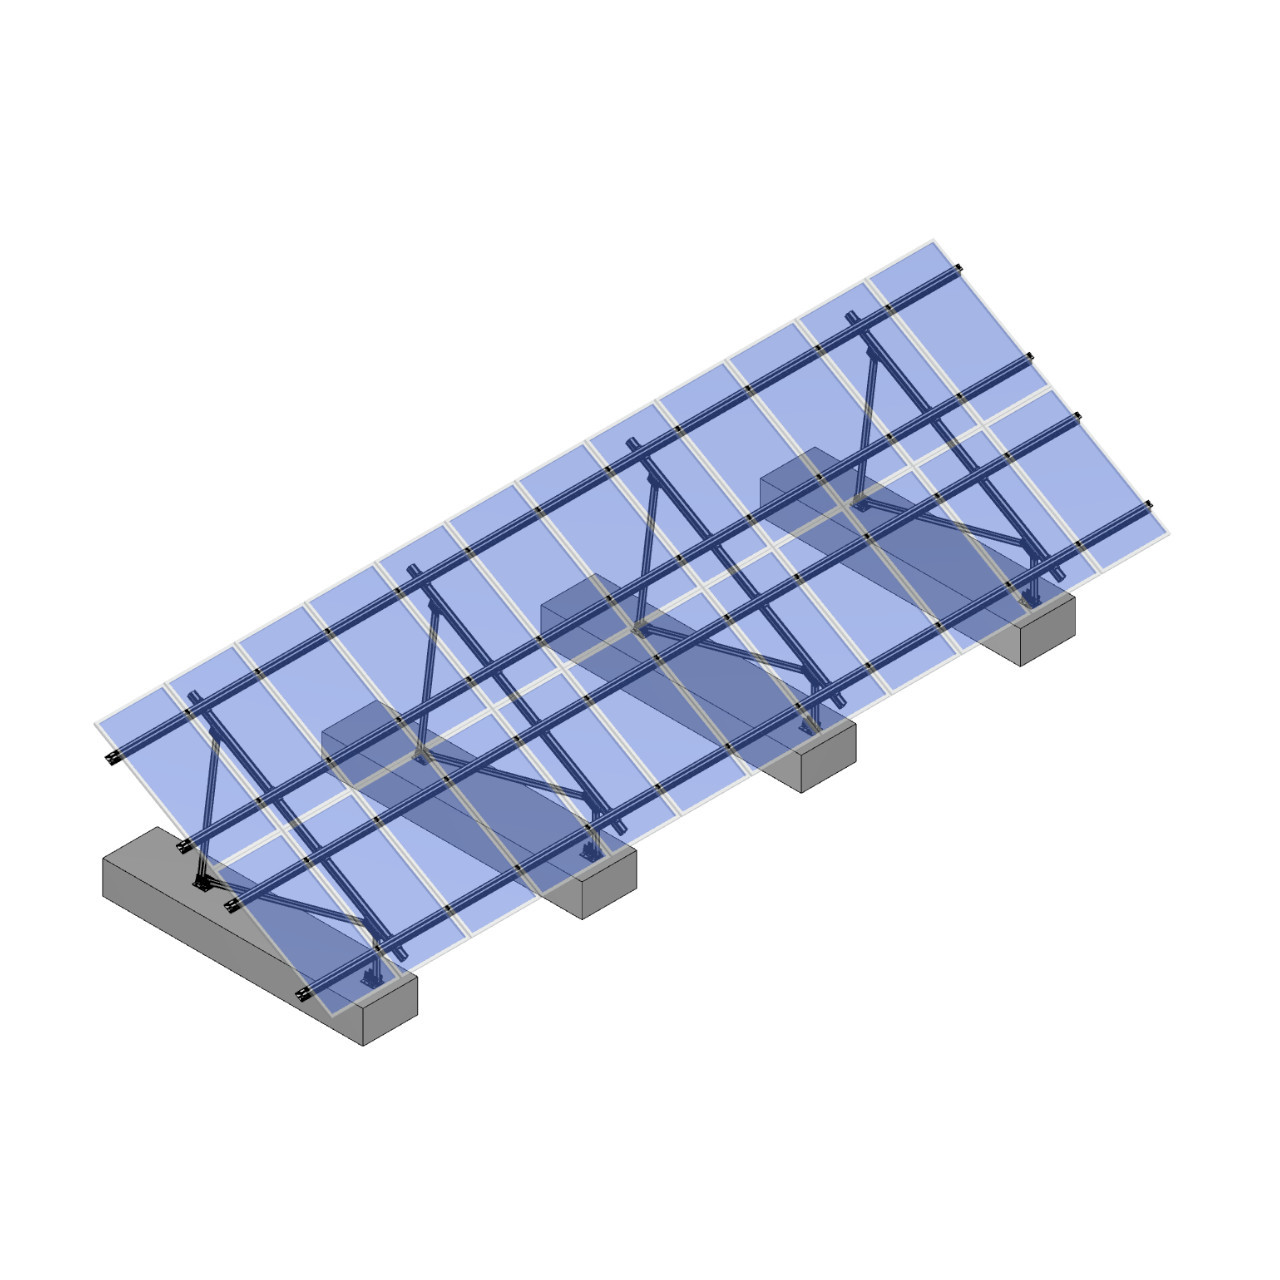 Schletter - PVMax 2Vx12-30deg-Concrete-Transparent-Panels